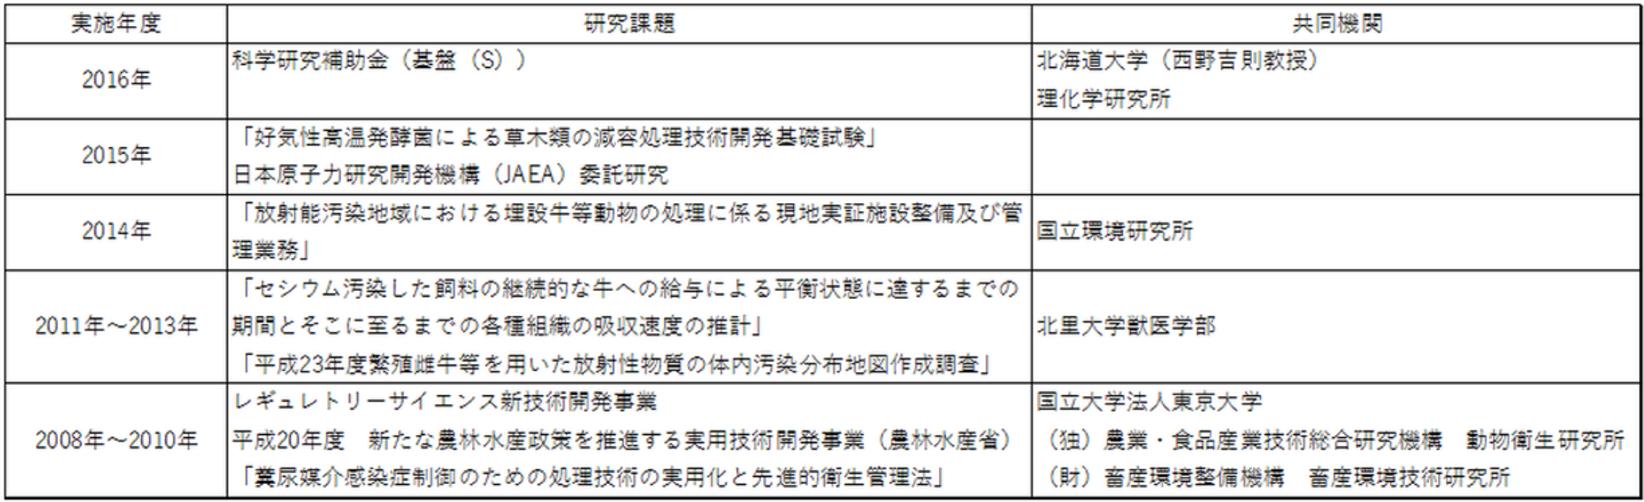 共同研究の表